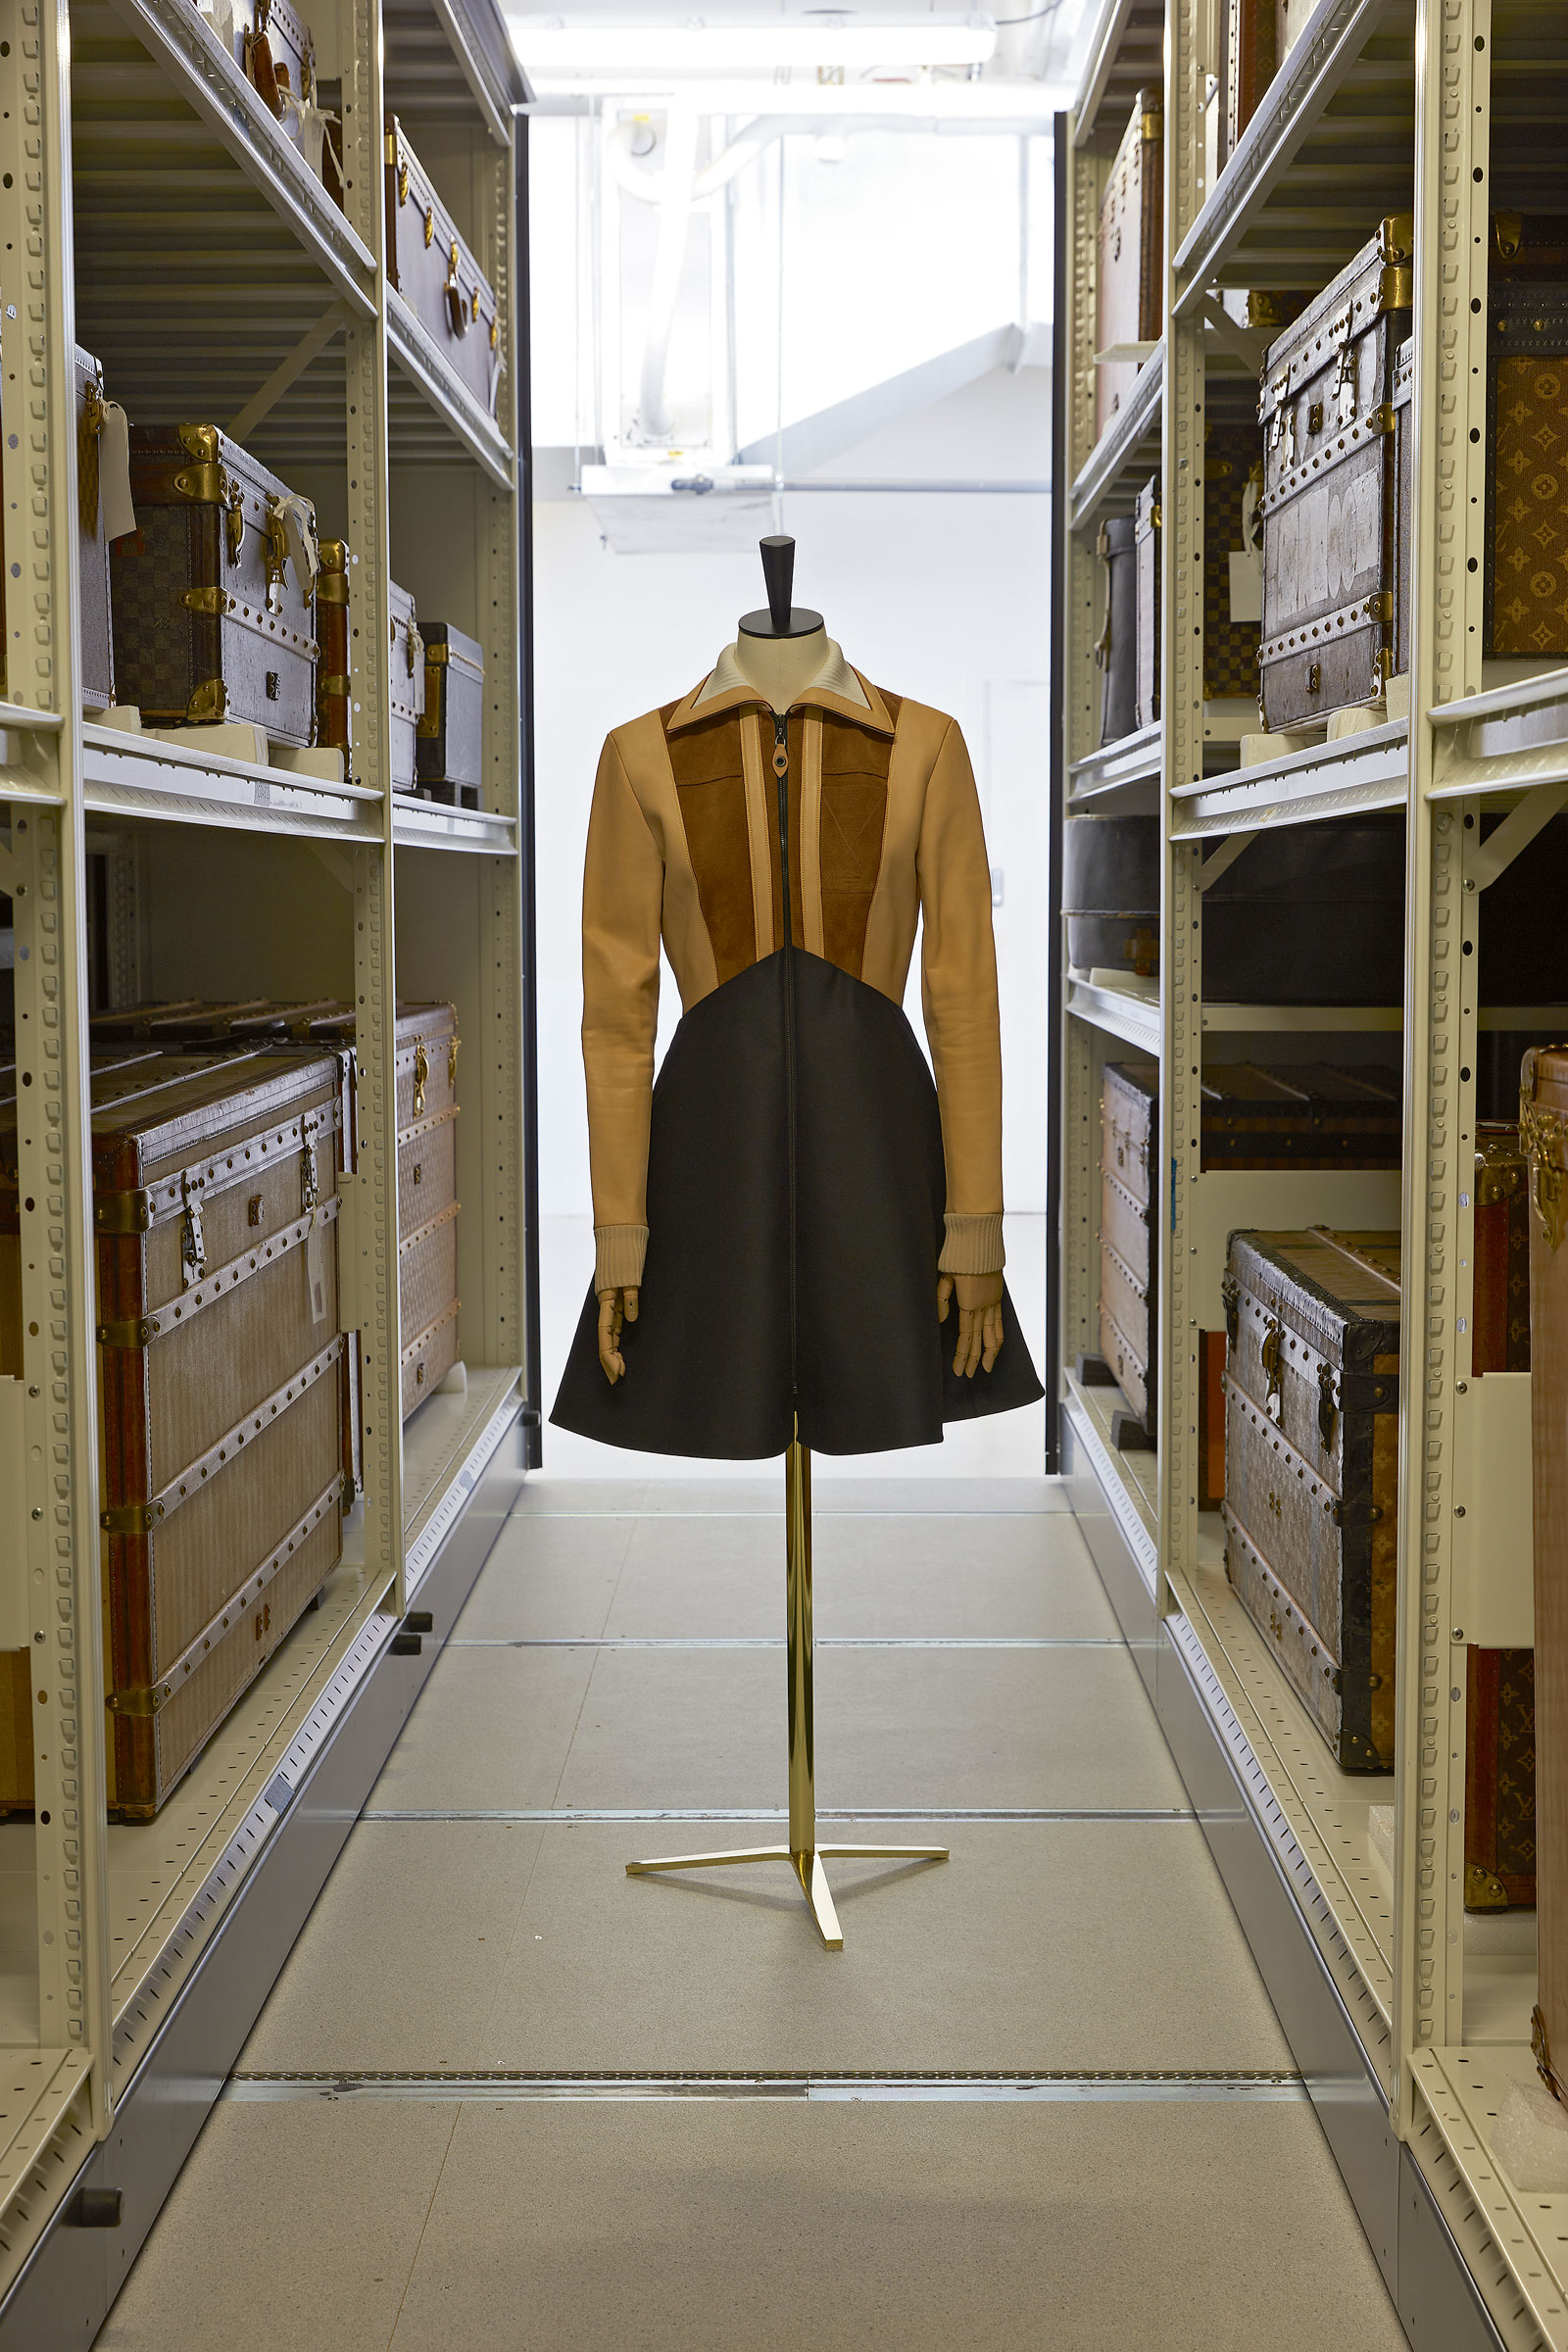 5a54ed1fd Vestido de cuero y seda, de la primera colección de Nicolas Ghesquière para Louis  Vuitton de la coleccion otoño-invierno 2014-2015, fotografiado en un ...